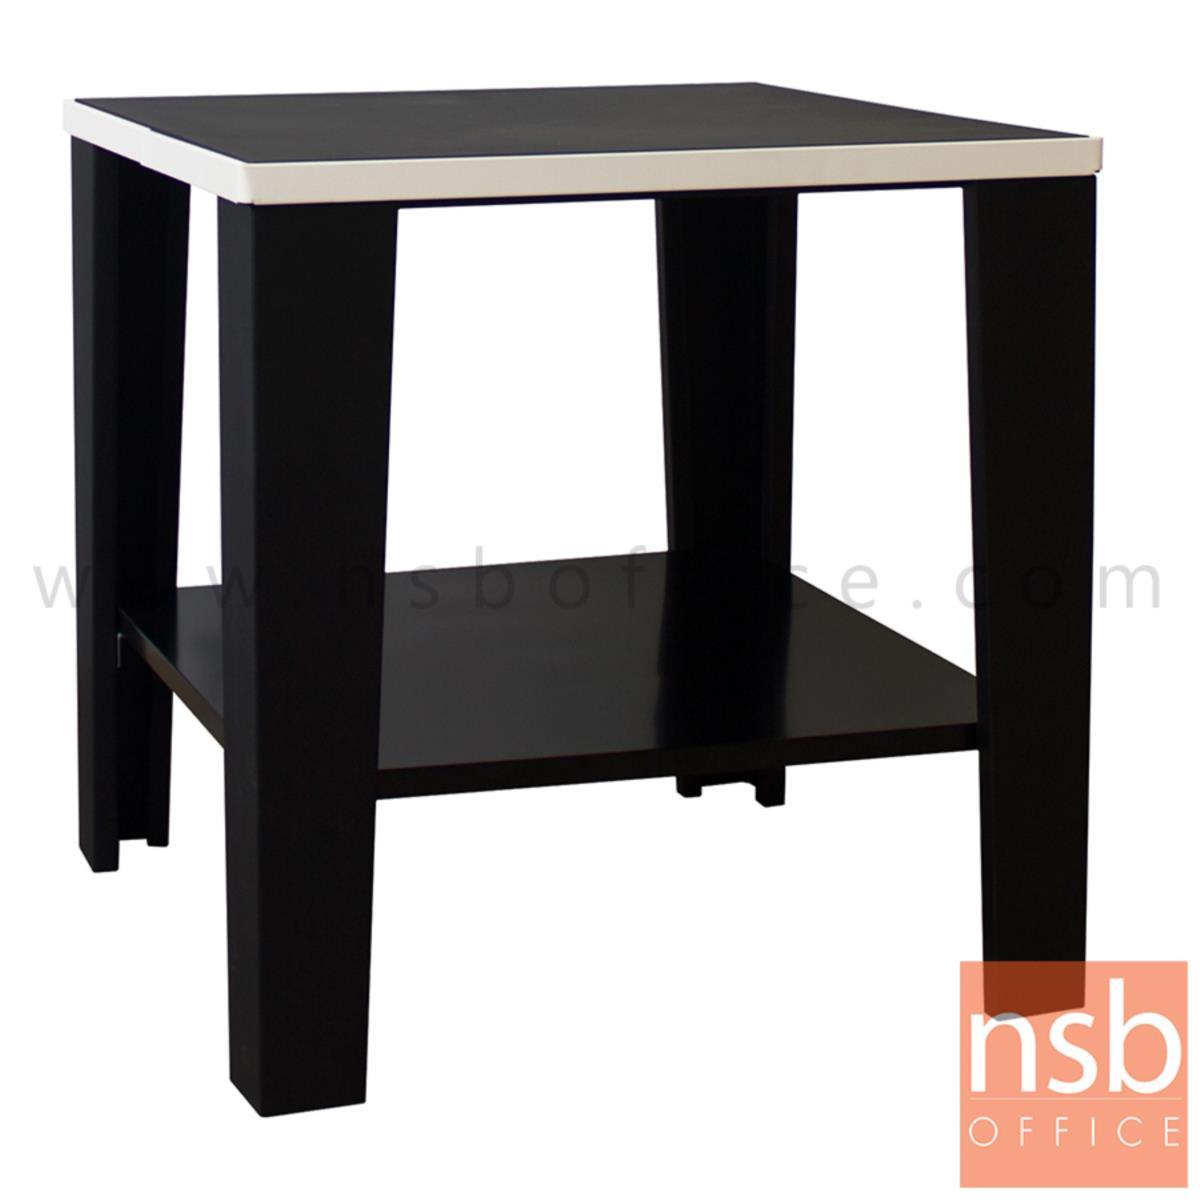 E22A015:โต๊ะเหล็กข้างโซฟา  รุ่น KN-102 ขนาด 60W cm.